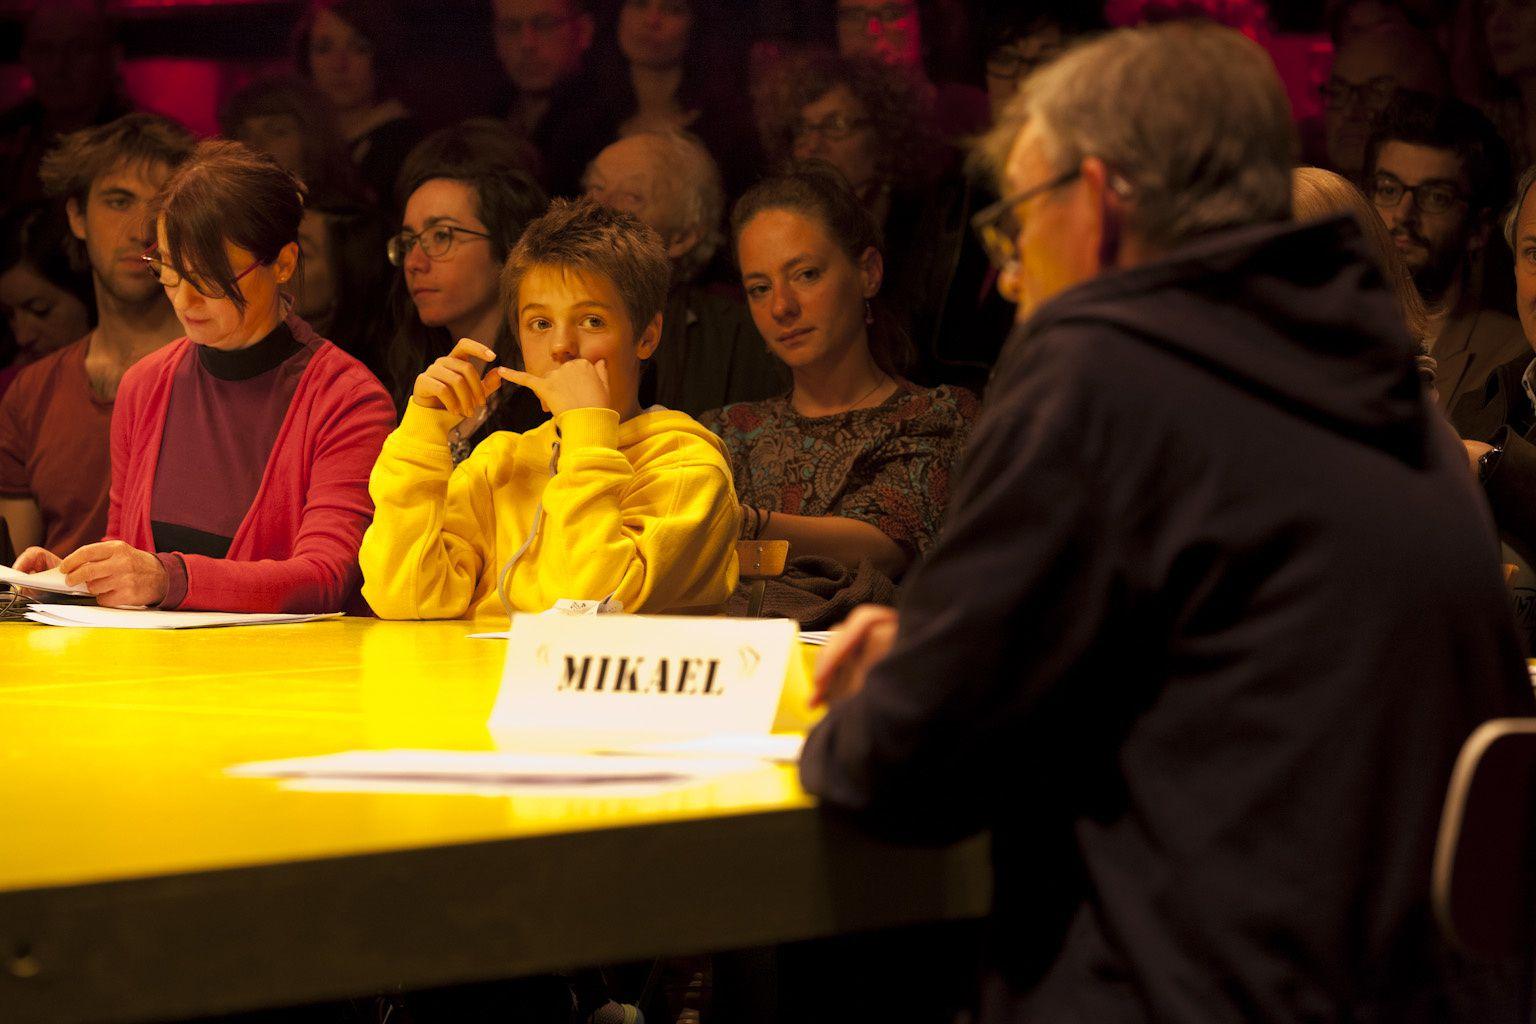 Compte rendu de la lecture du Vendredi 16 mai au Théâtre 145 avec Les Regrettants.